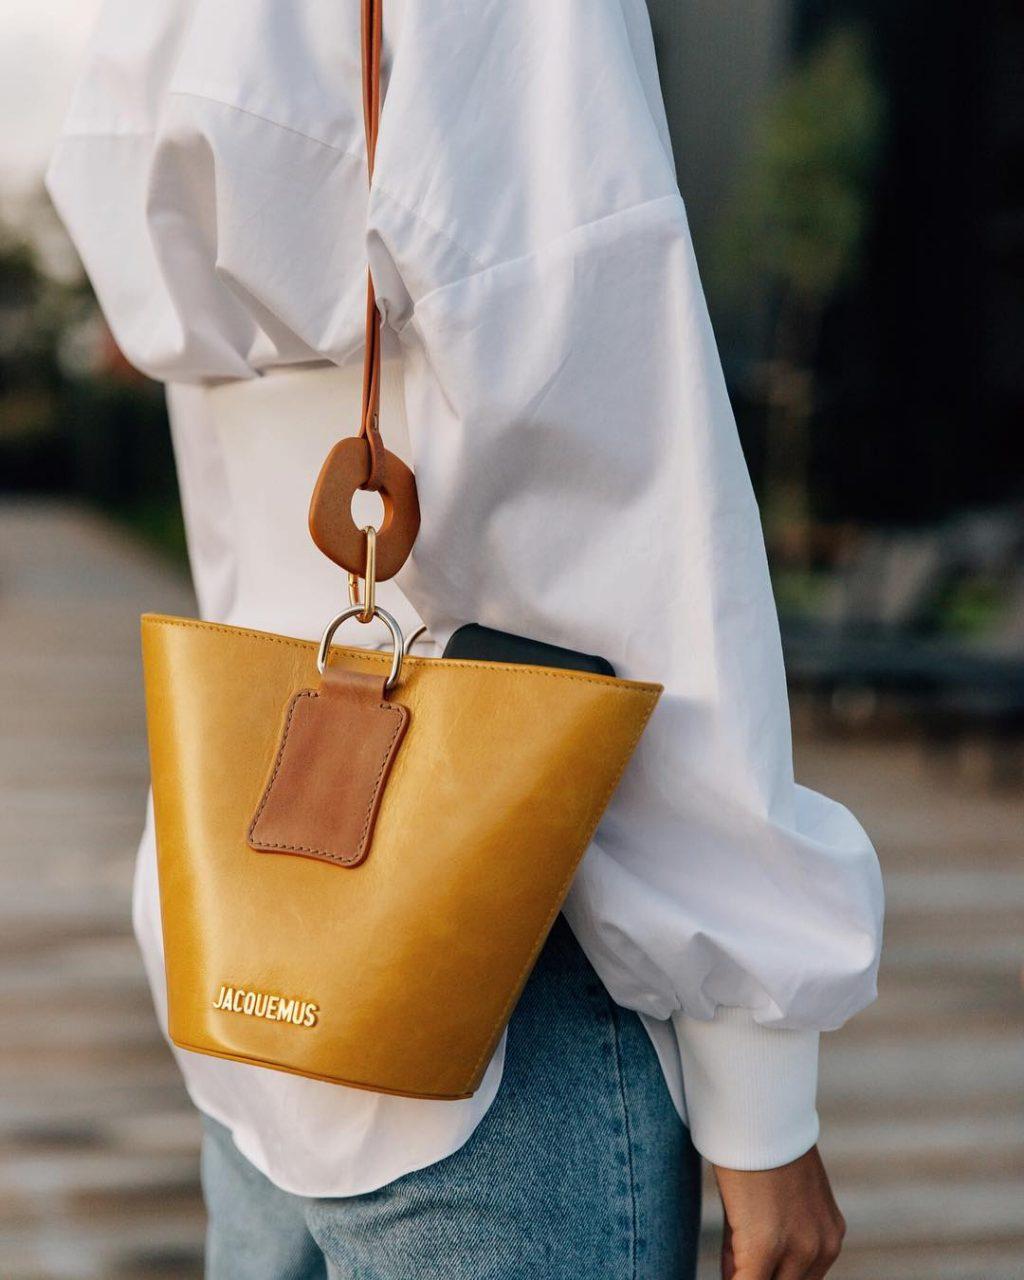 Fashionista đeo túi Jacquemus màu vàng mù tạt